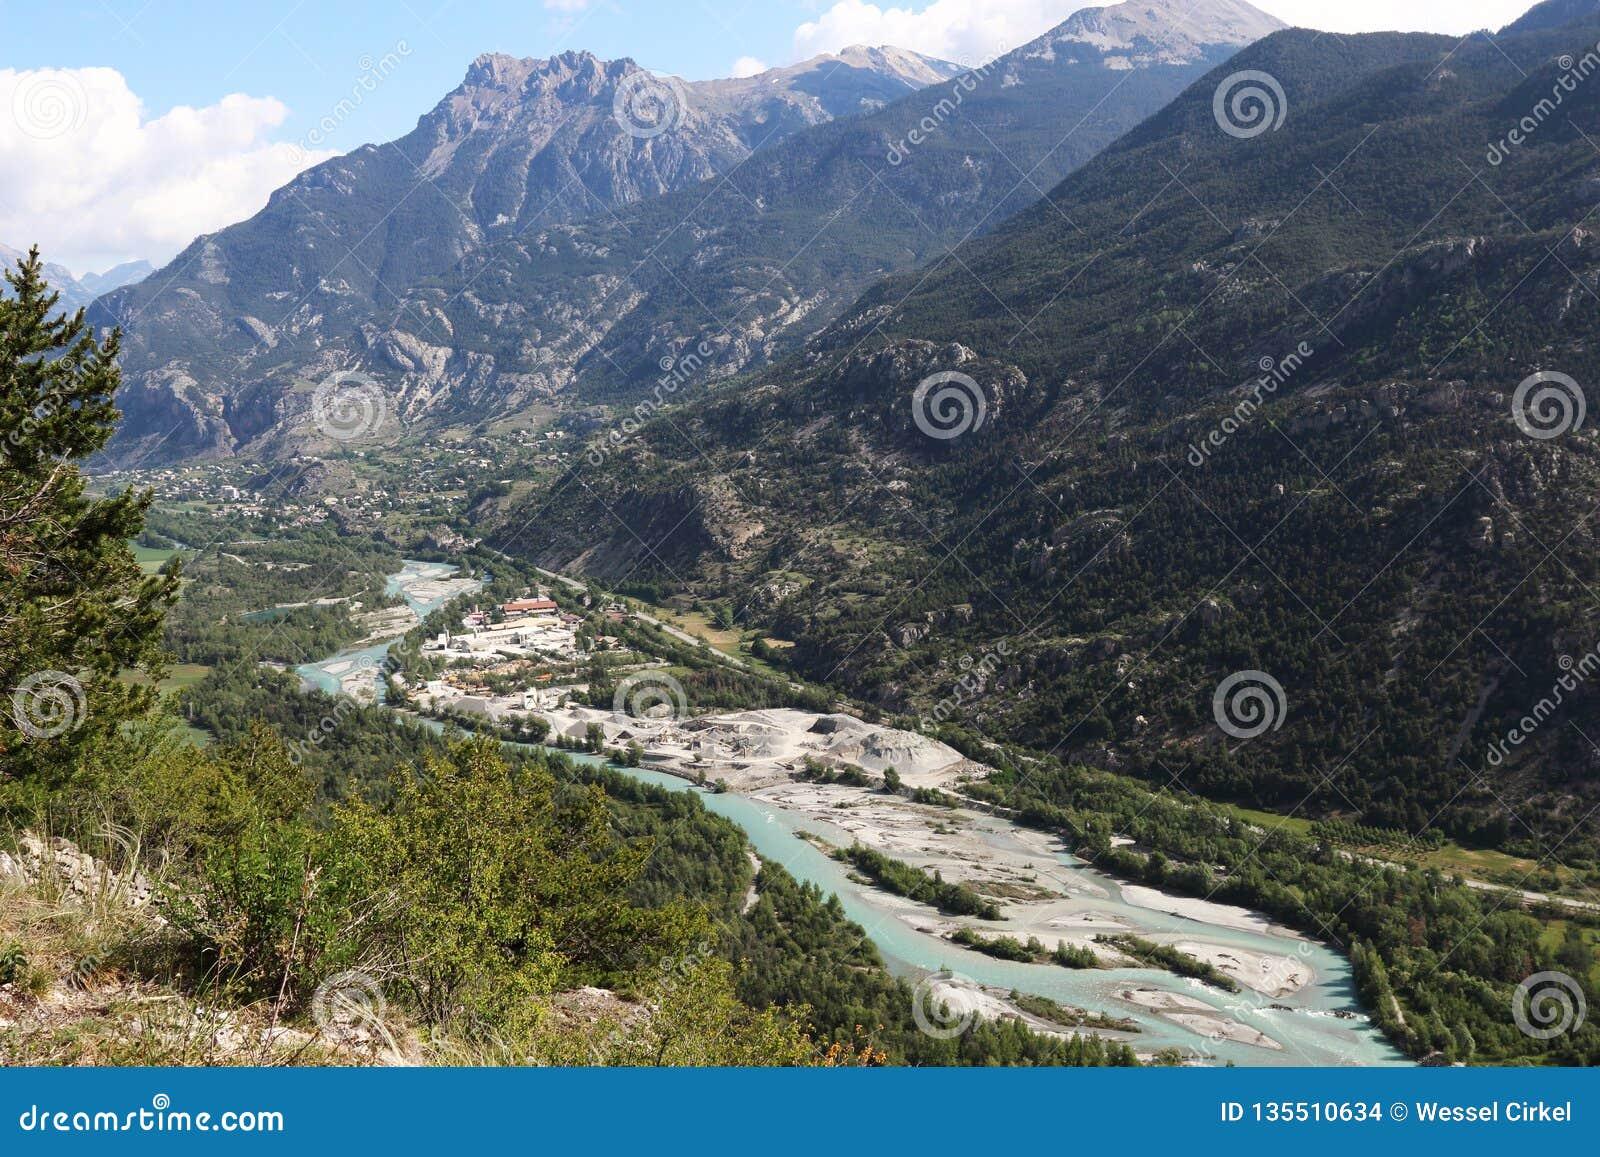 Extraction de sable le long de la rivière de Durance, Hautes-Alpes, France